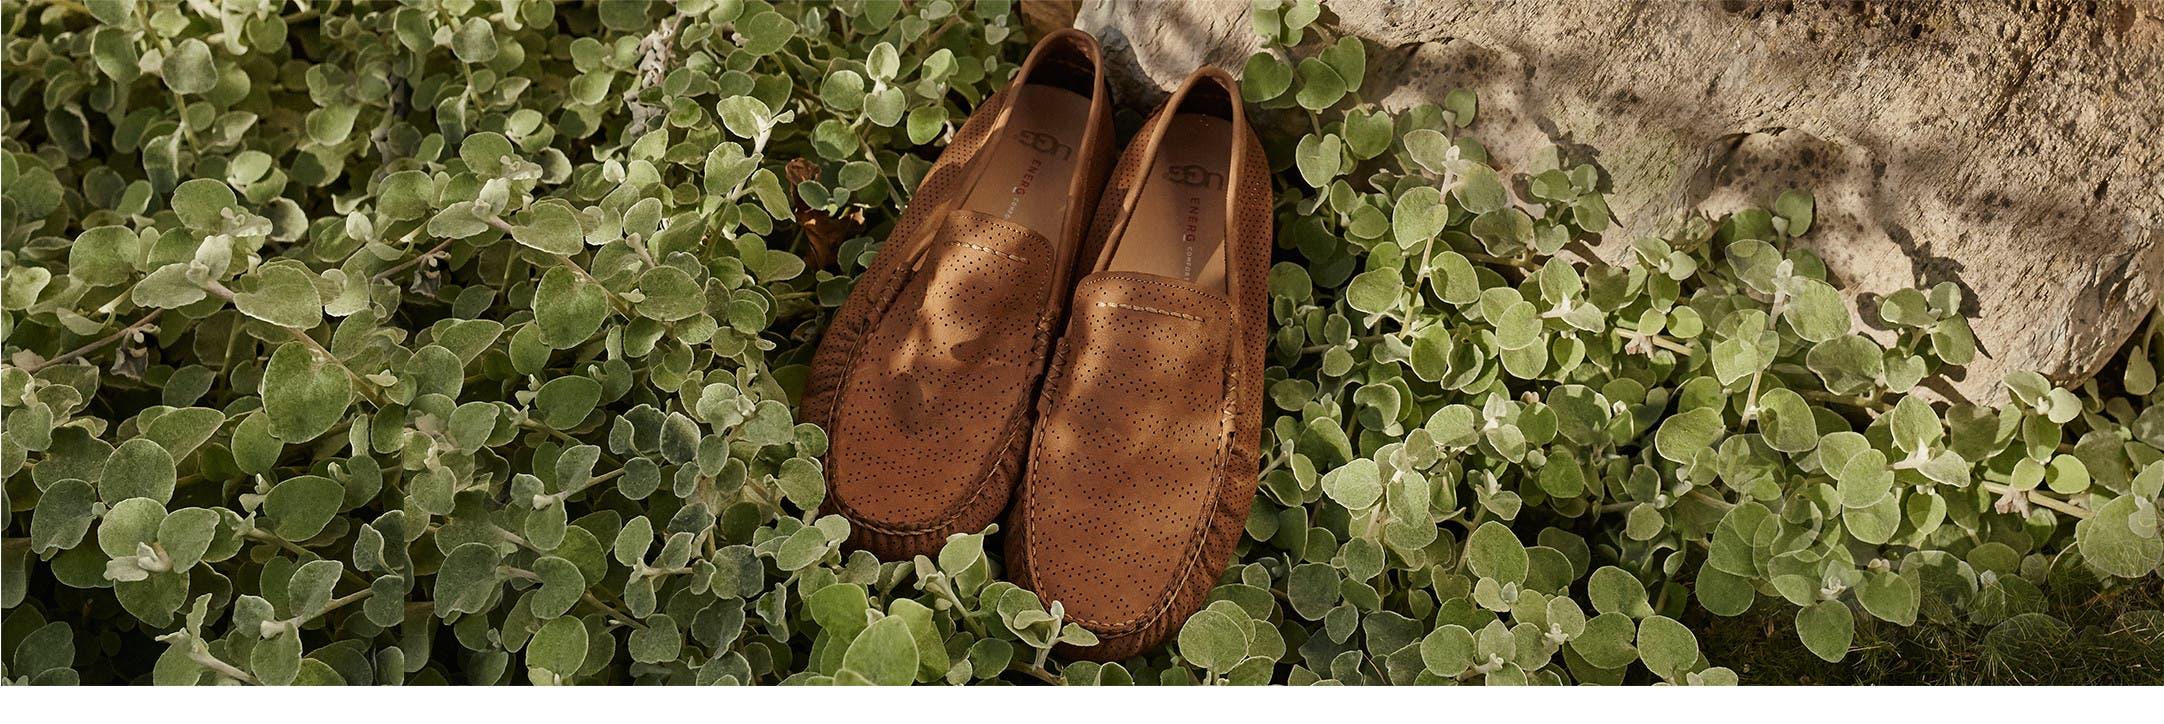 UGG men's shoes.